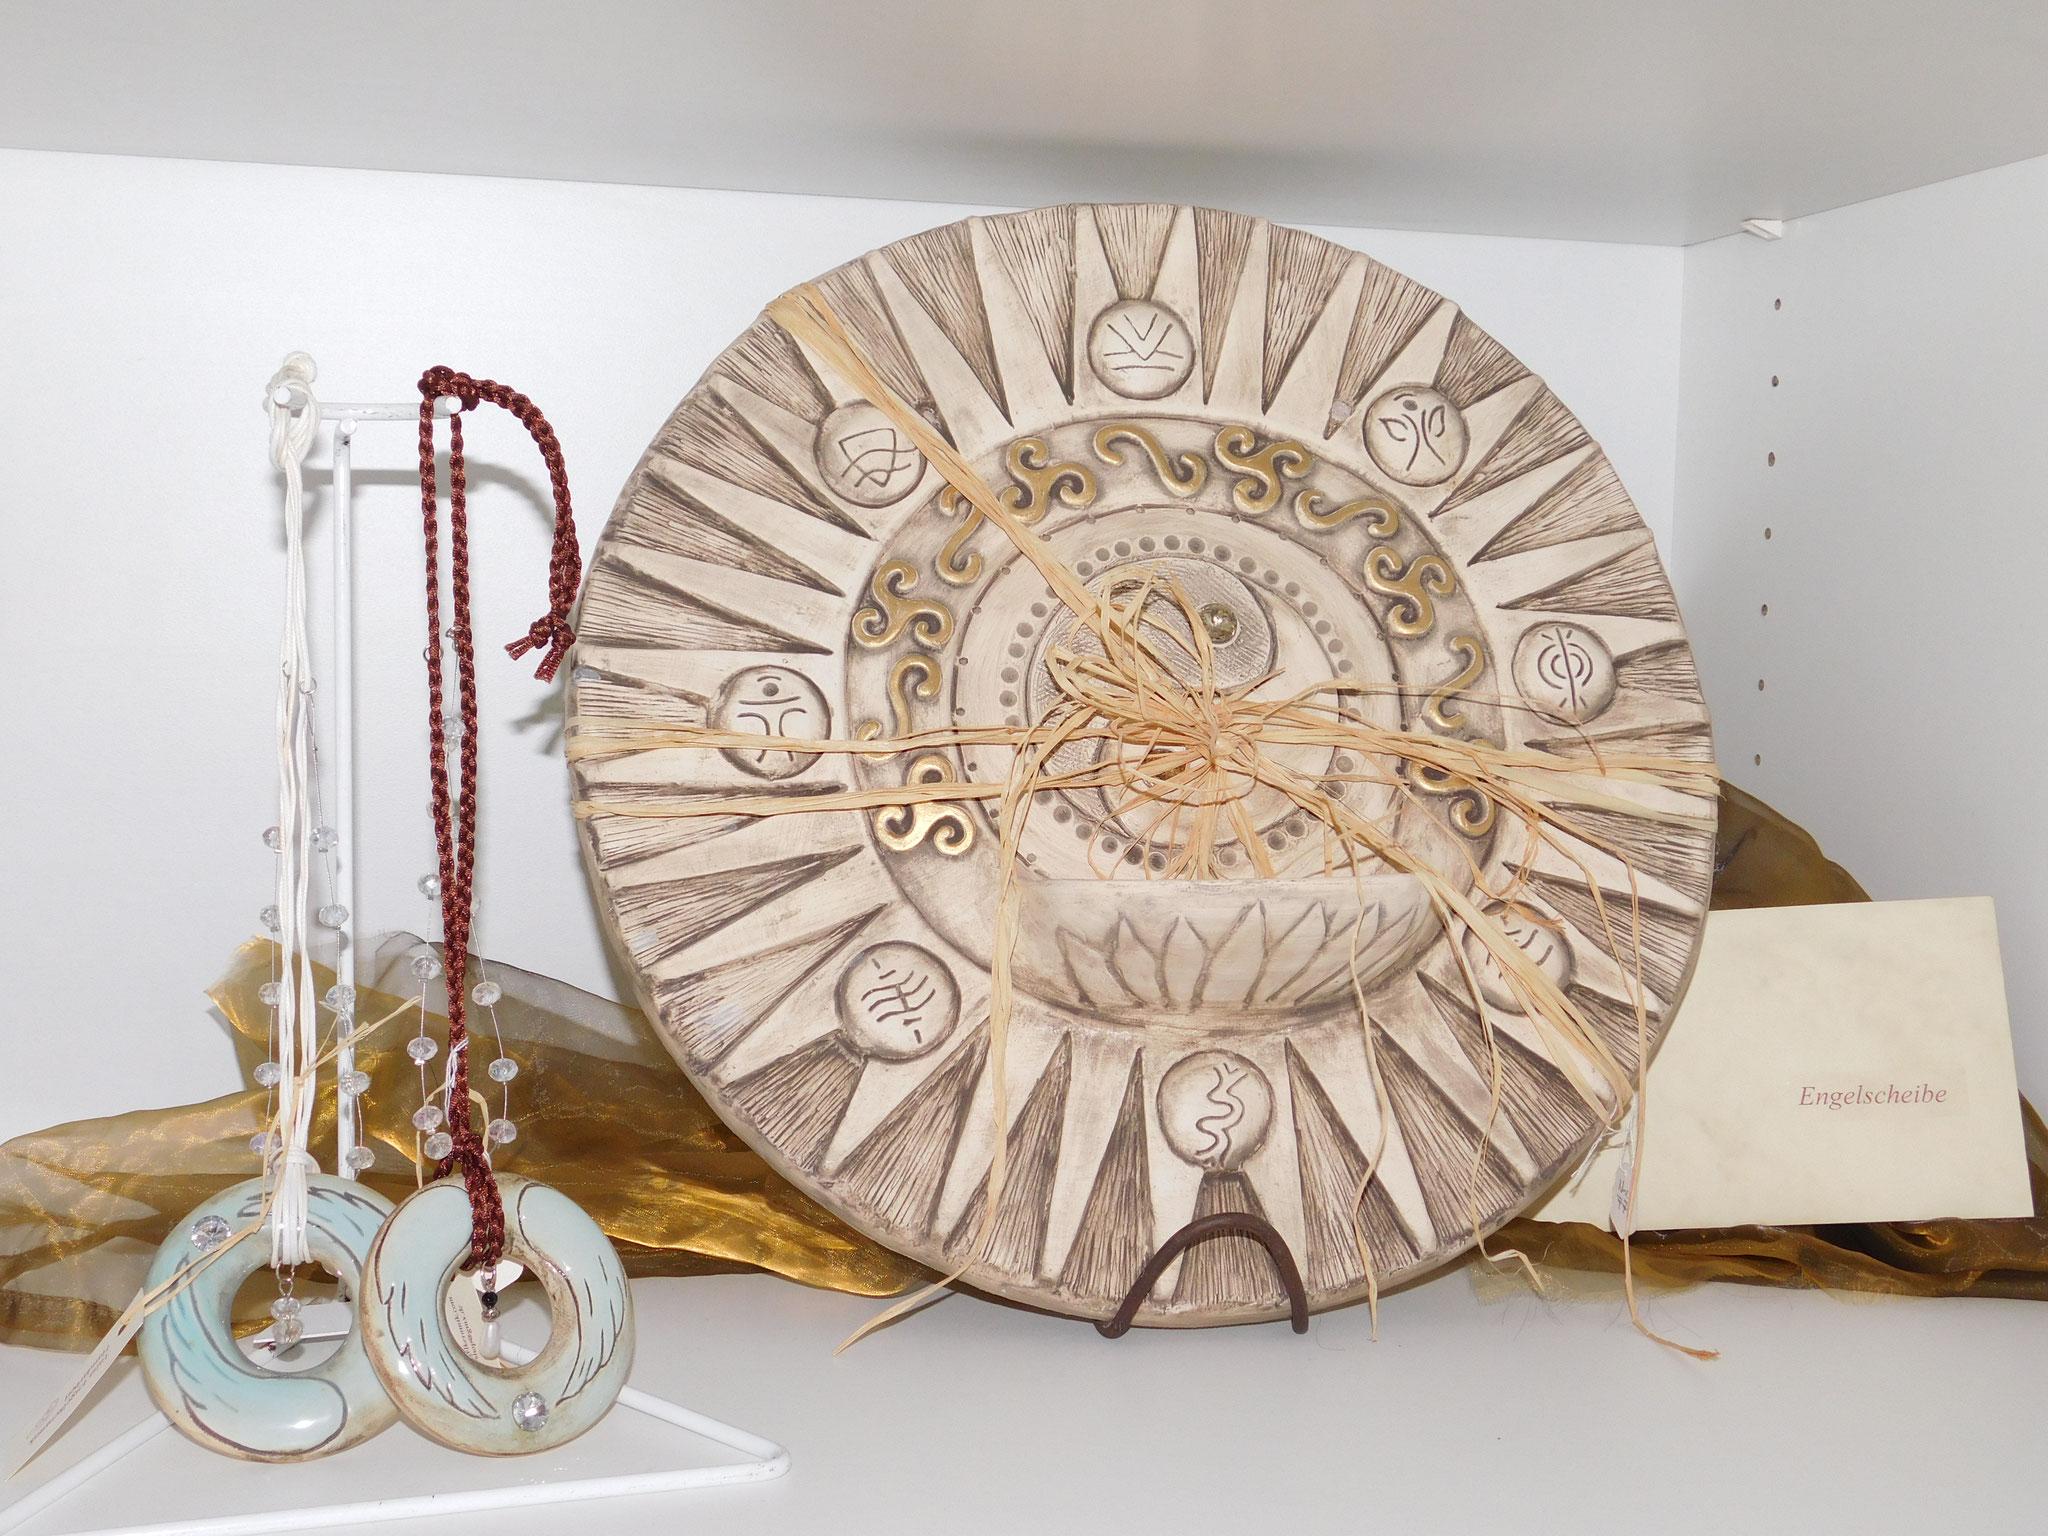 Handgefertigte Engelscheibe aus Keramik